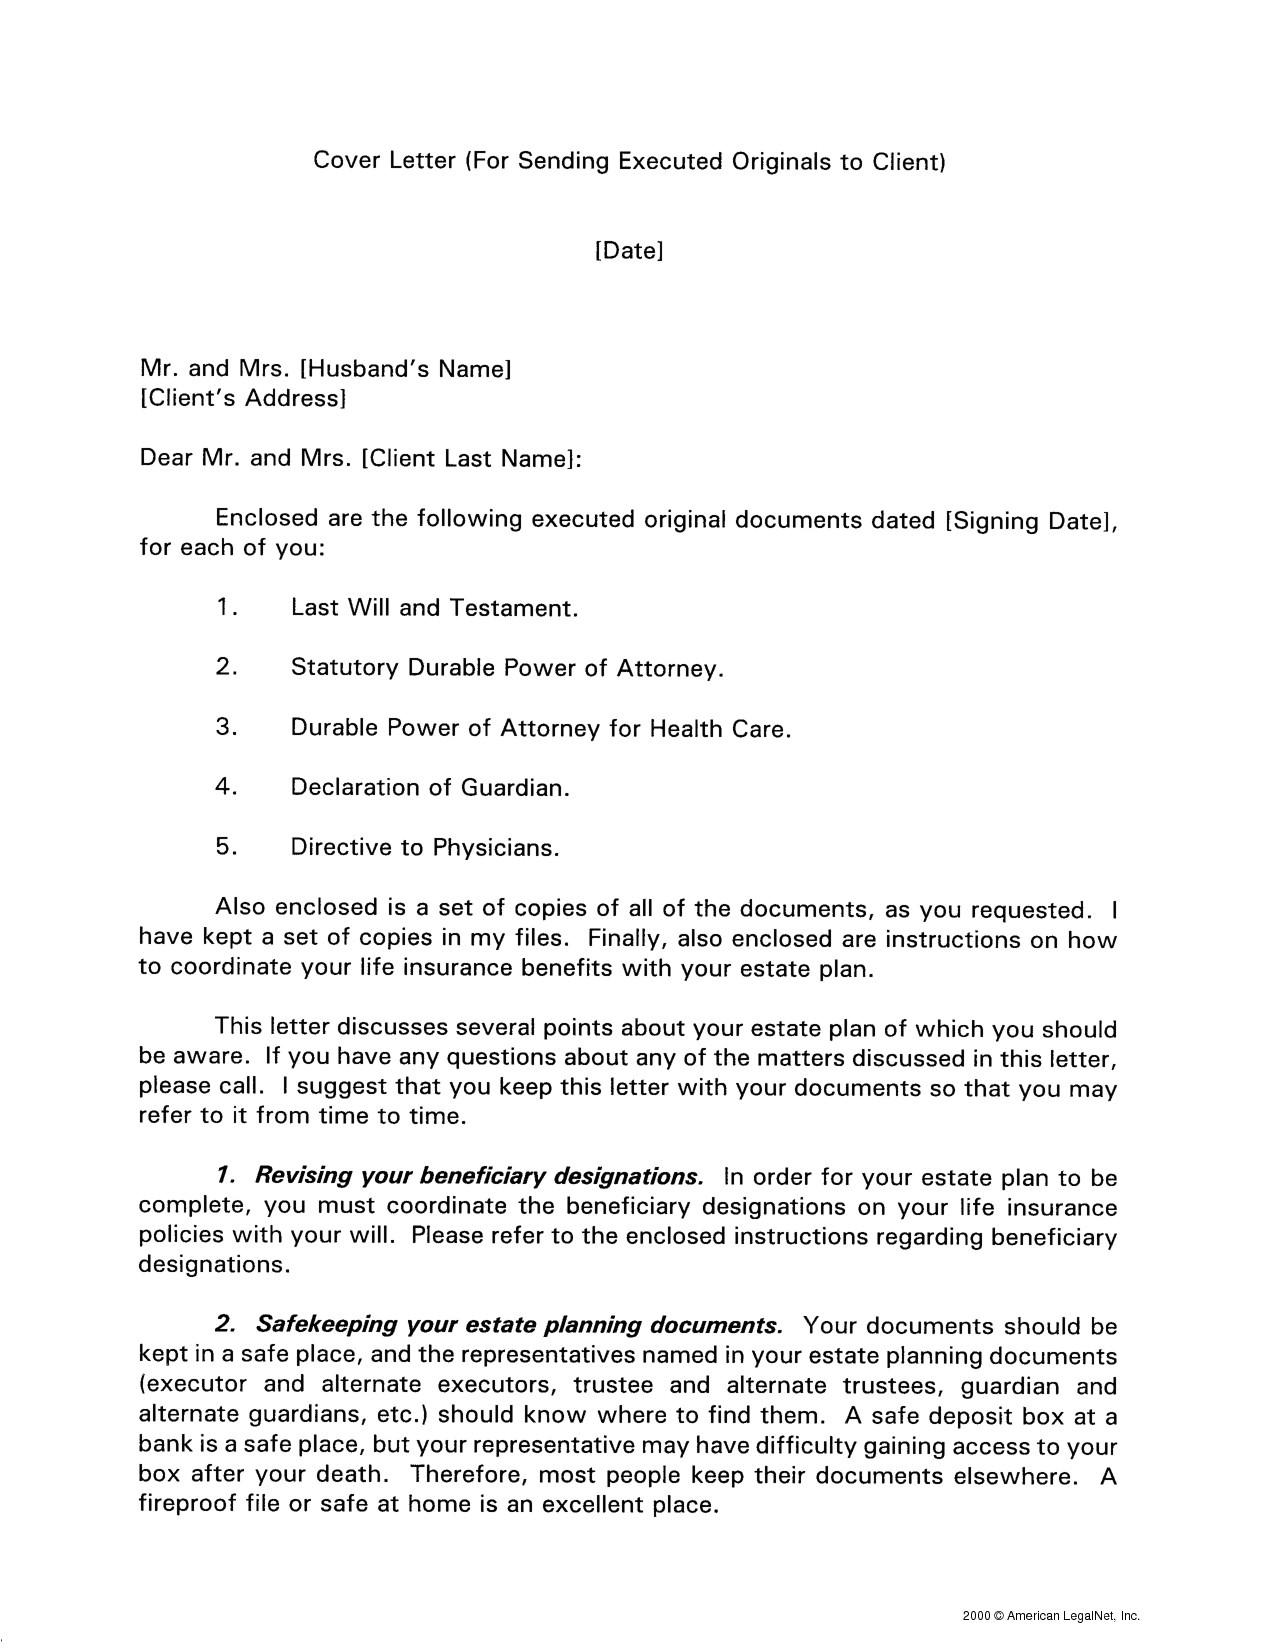 cover letter for sending documents